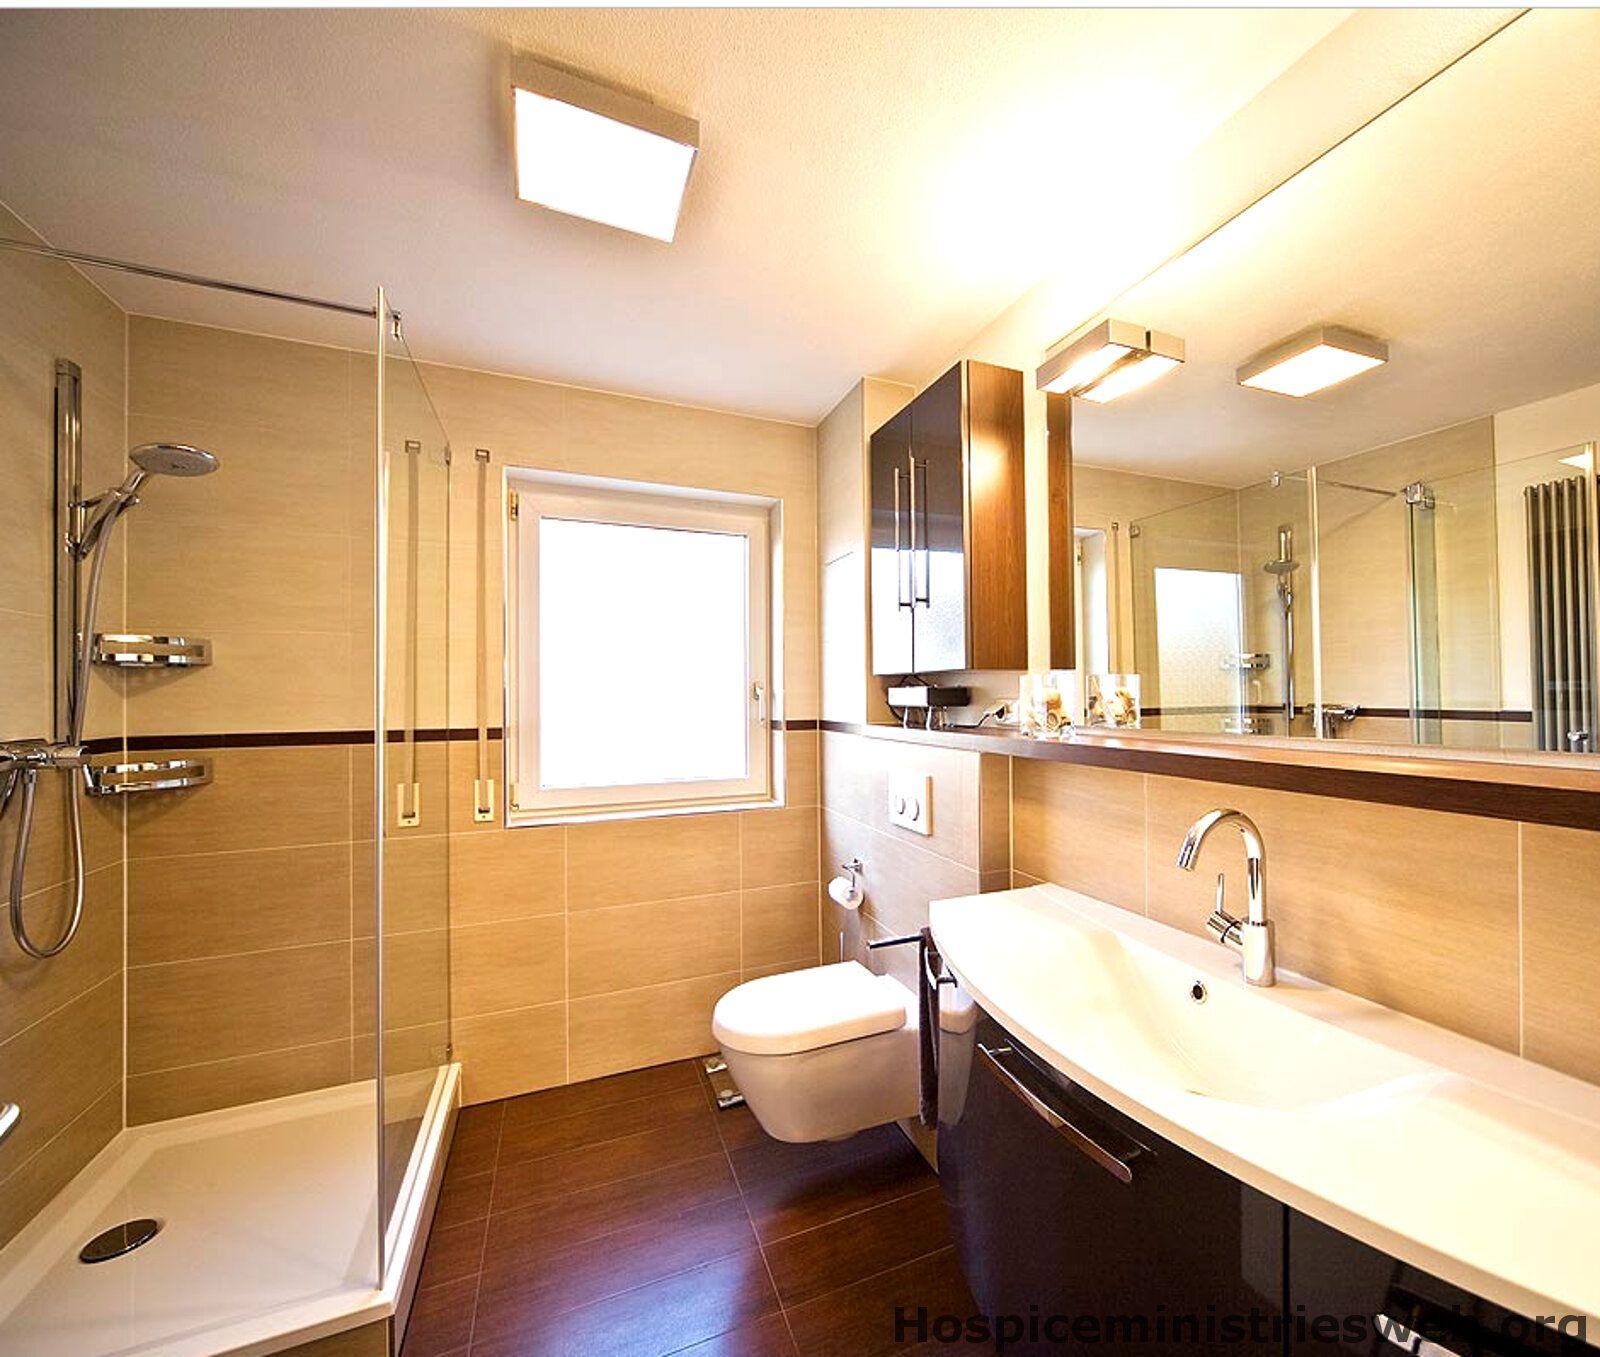 35 Ideen Für Badezimmer Braun Beige Wohn Ideen | Ideen Für ... Badezimmer Braun